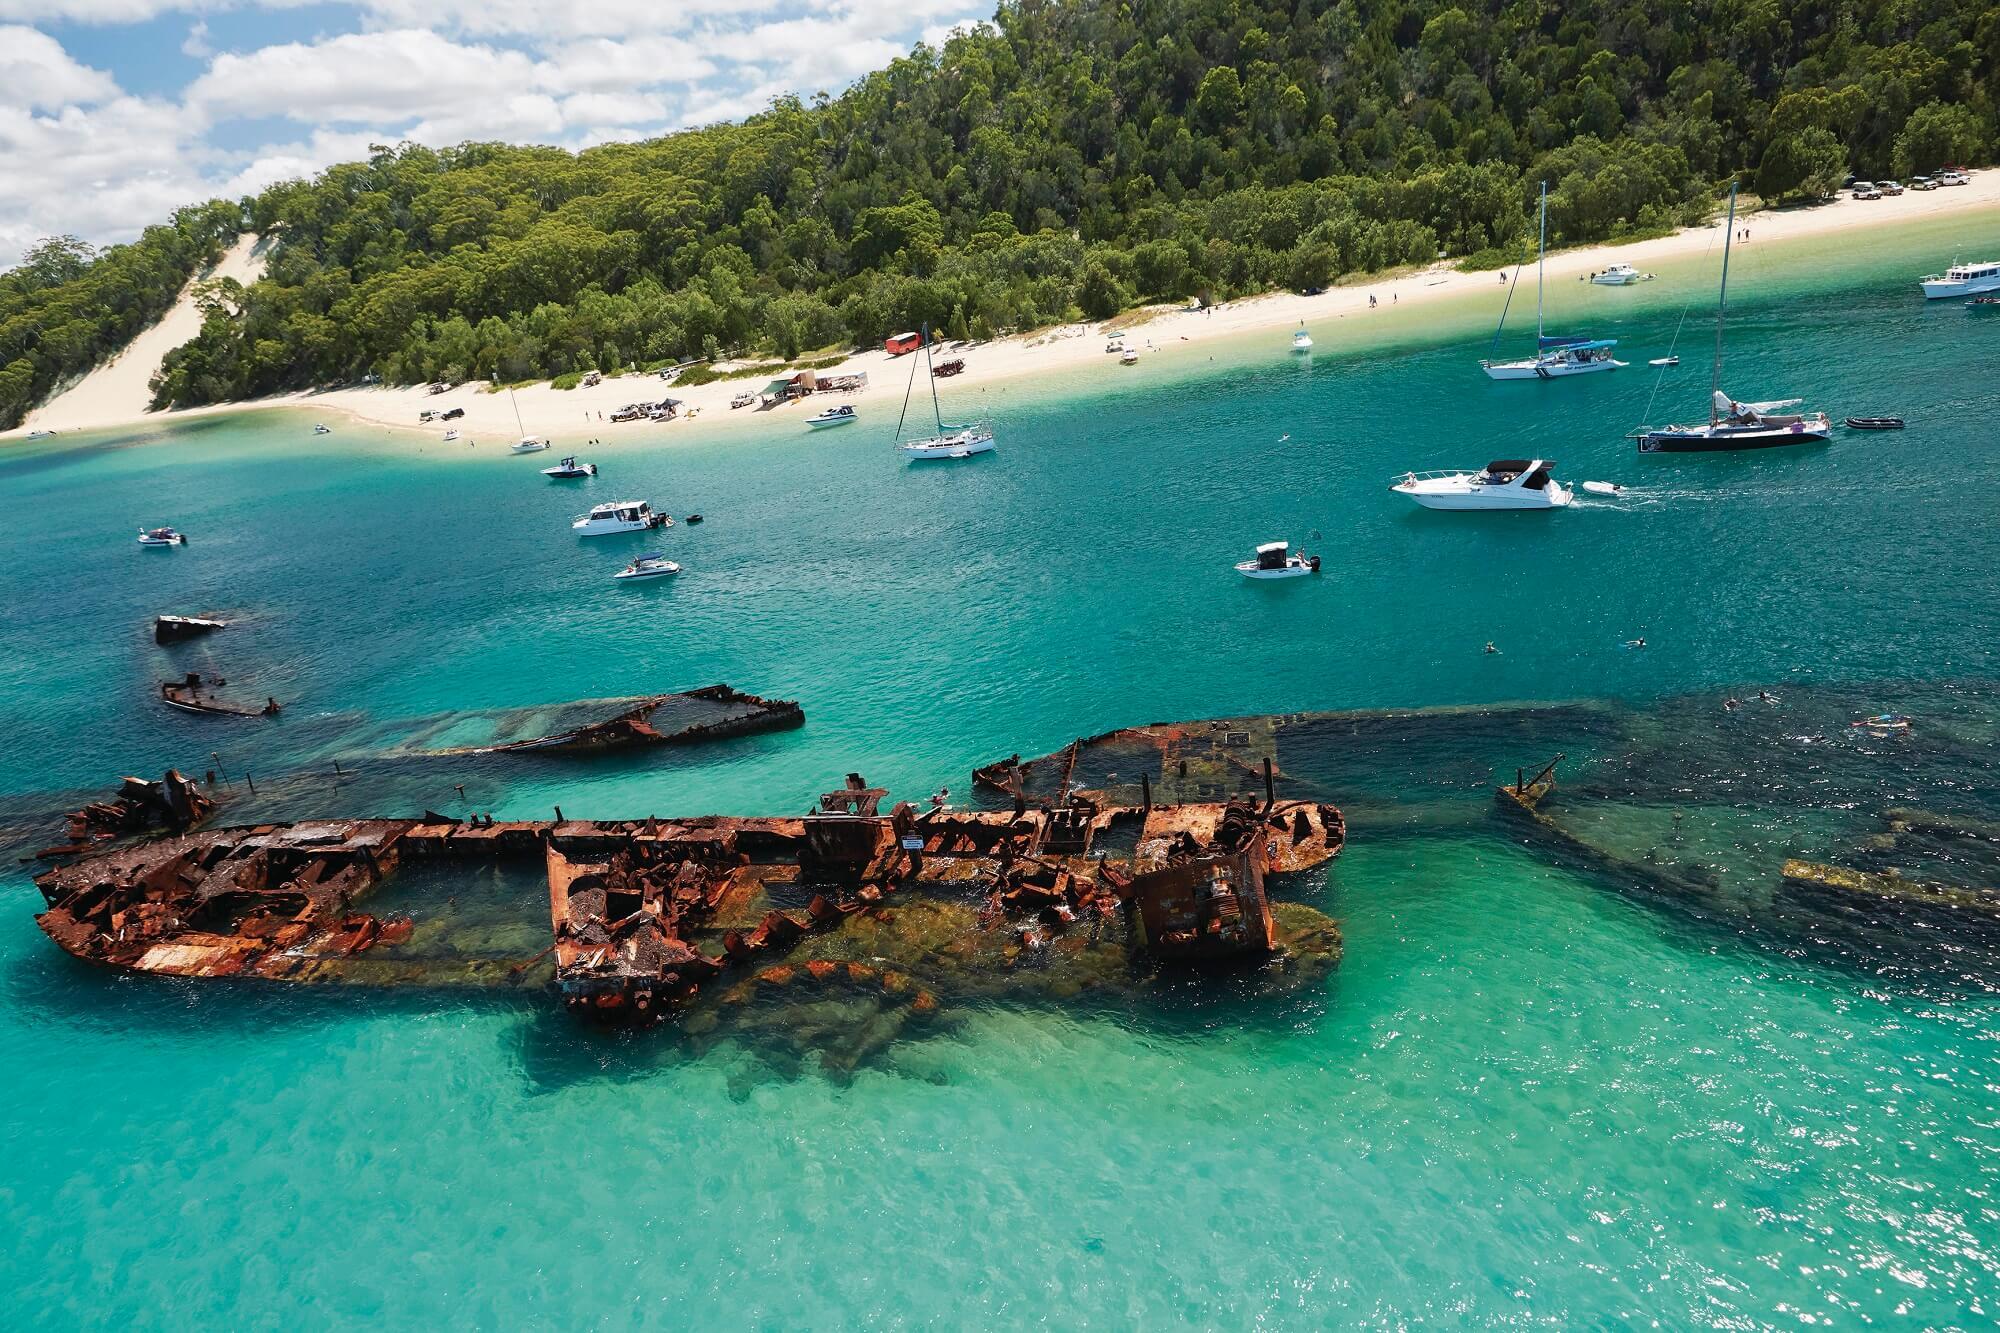 Snorkeling on Moreton Island